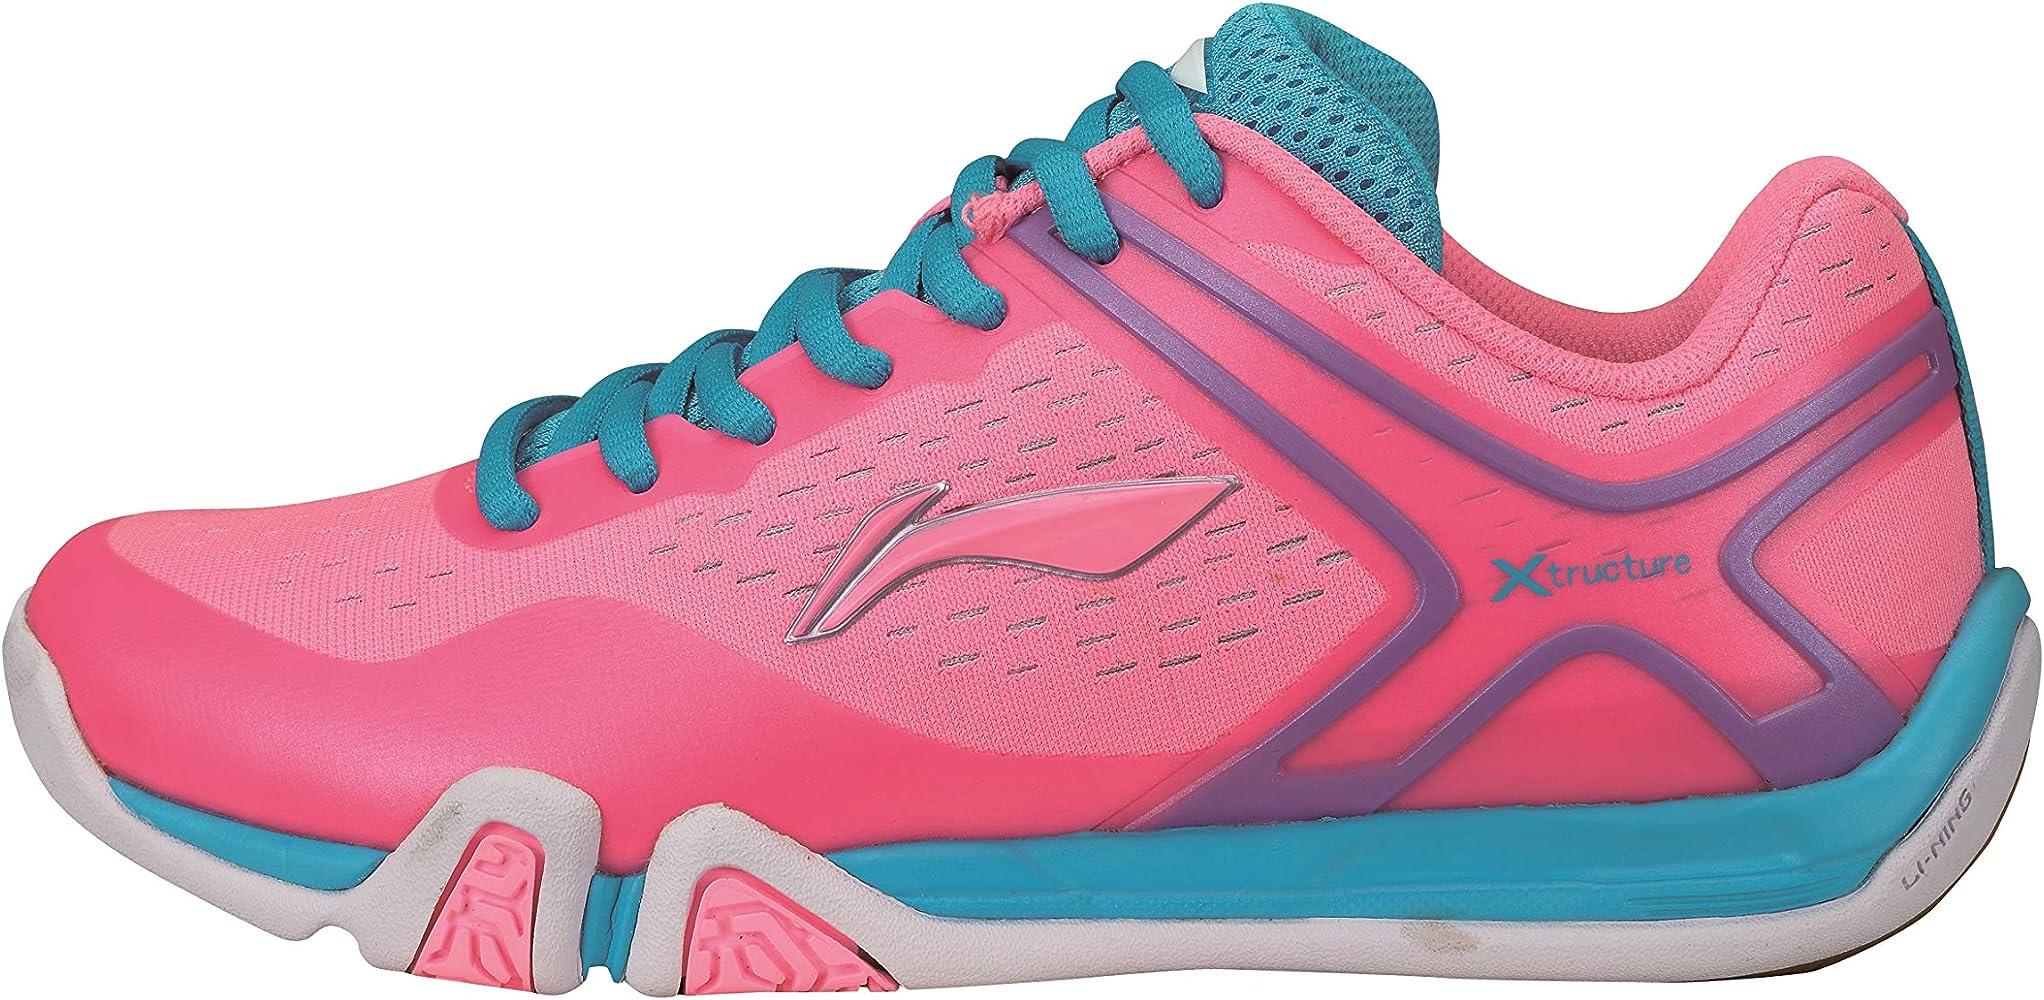 AYTM048-2 Flash X Lady - Zapatillas de bádminton (Talla 40, 1/3), Color Rosa: Amazon.es: Zapatos y complementos